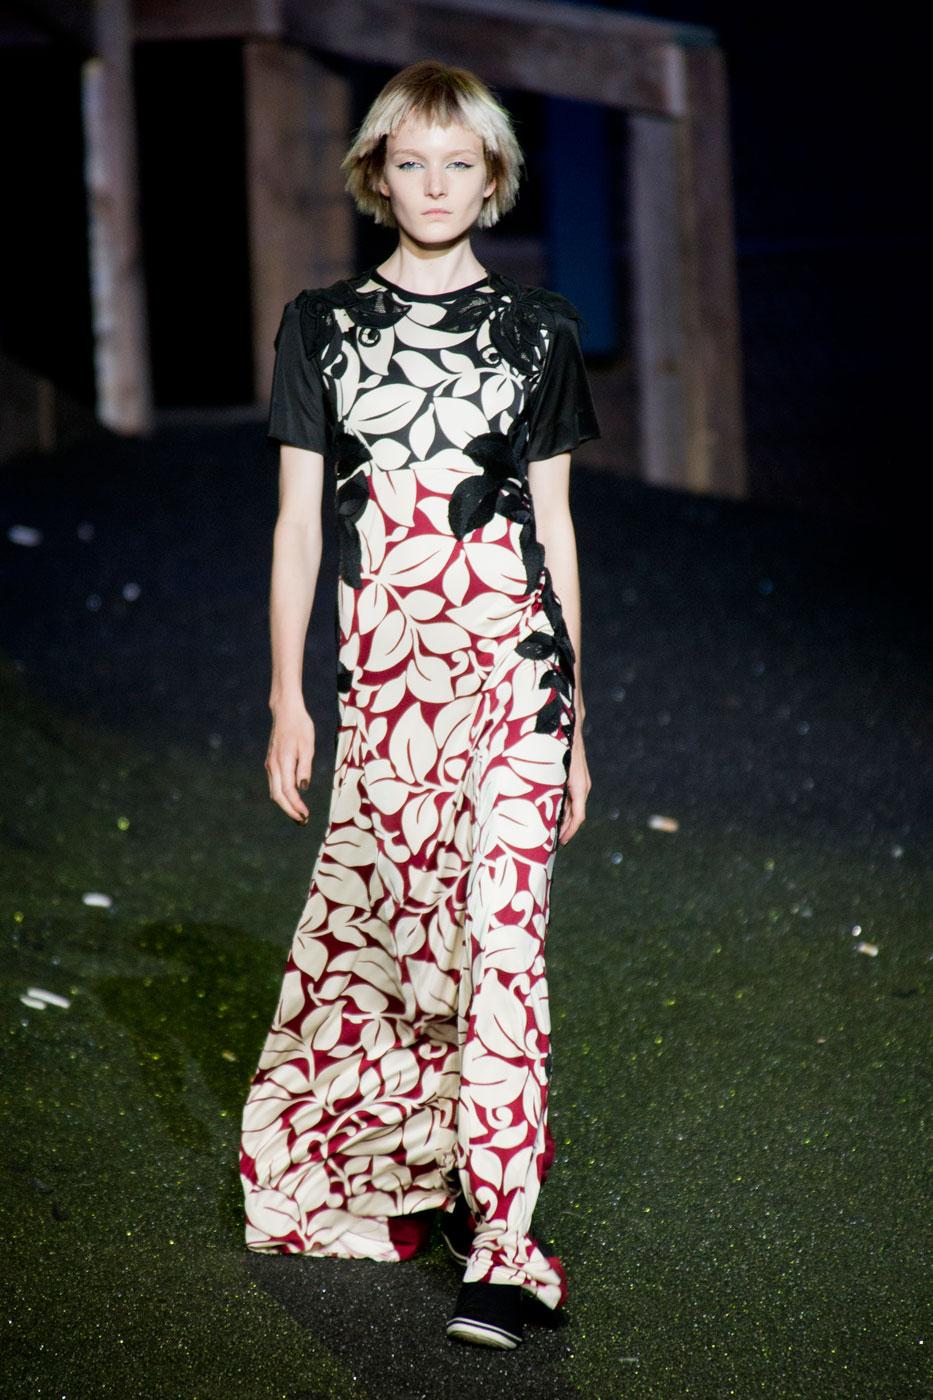 Bloemenjurk met Victoriaanse touch bij Marc Jacobs